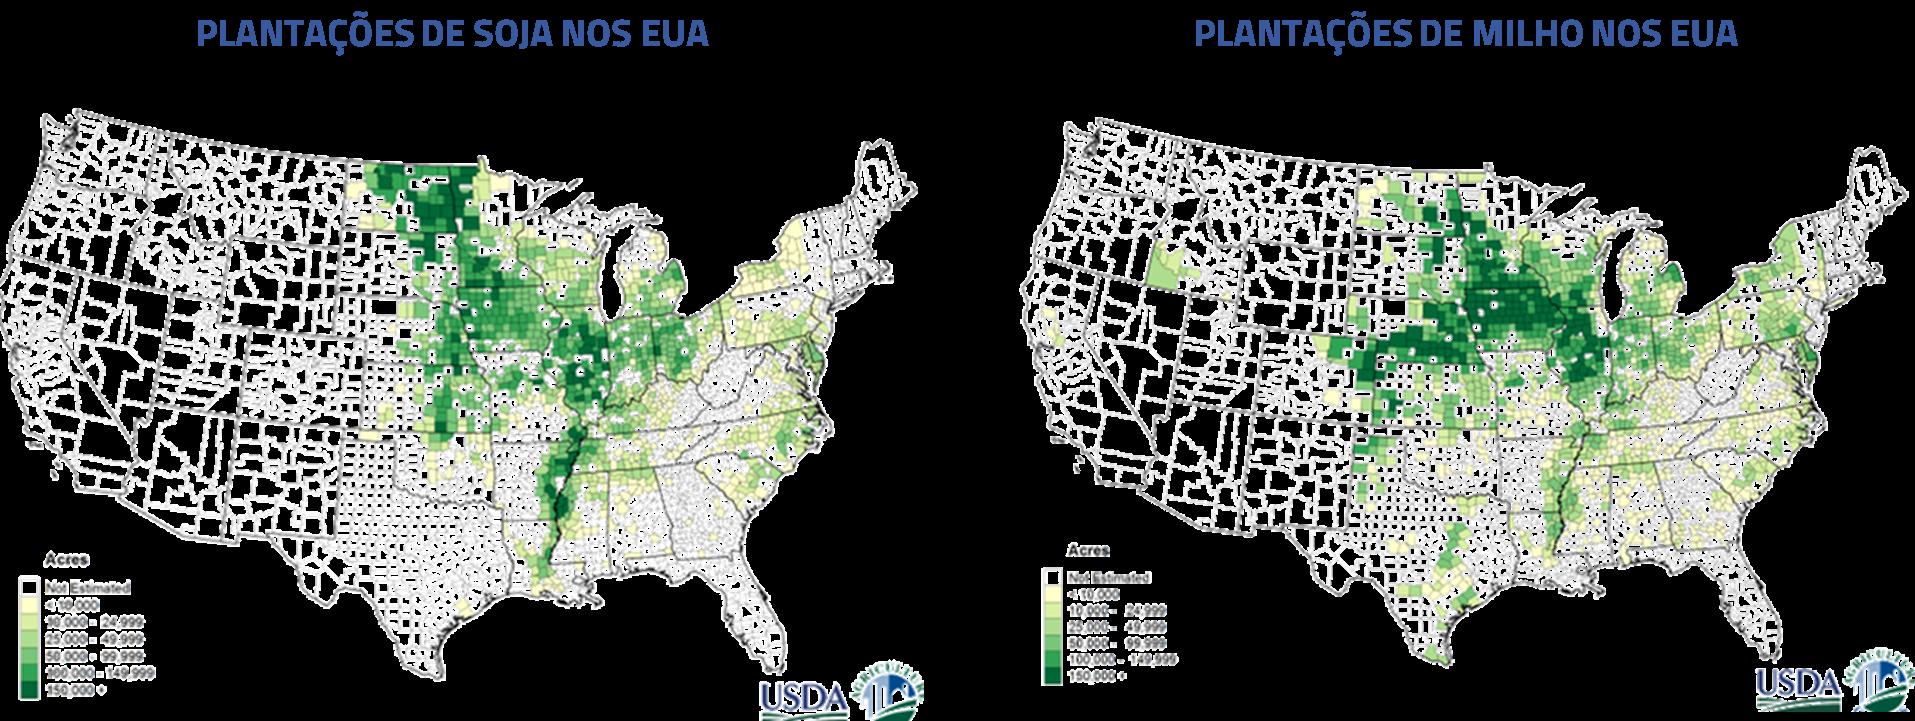 Plantações de Soja nos EUA | Plantações de milho nos EUA